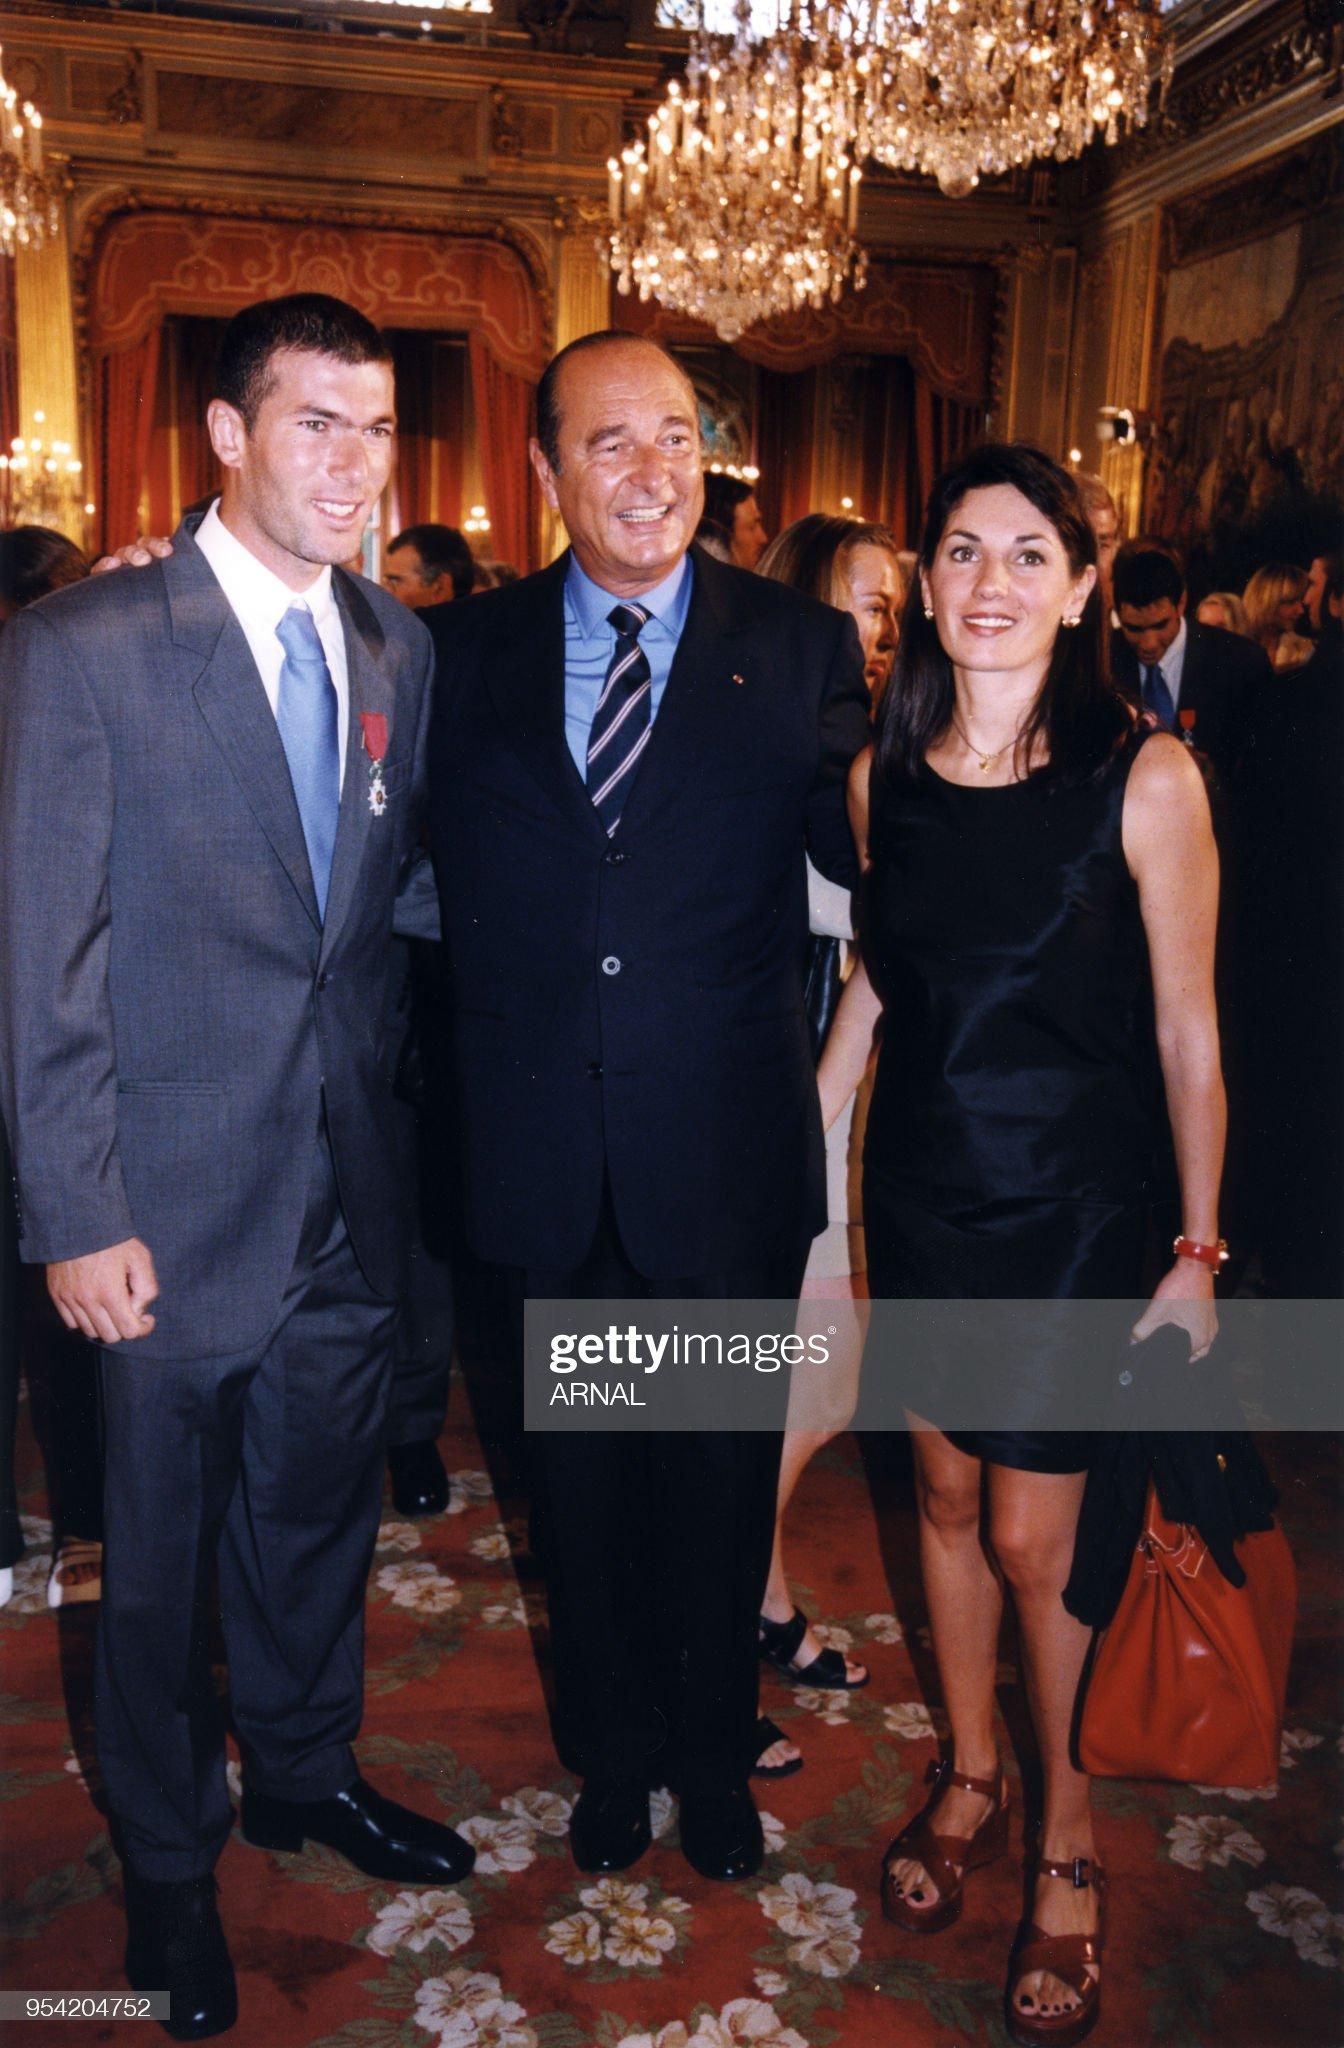 ¿Cuánto mide Jacques Chirac? - Altura - Real height Zinedine-zidane-et-sa-femme-lors-de-la-remise-de-la-lgion-dhonneur-picture-id954204752?s=2048x2048